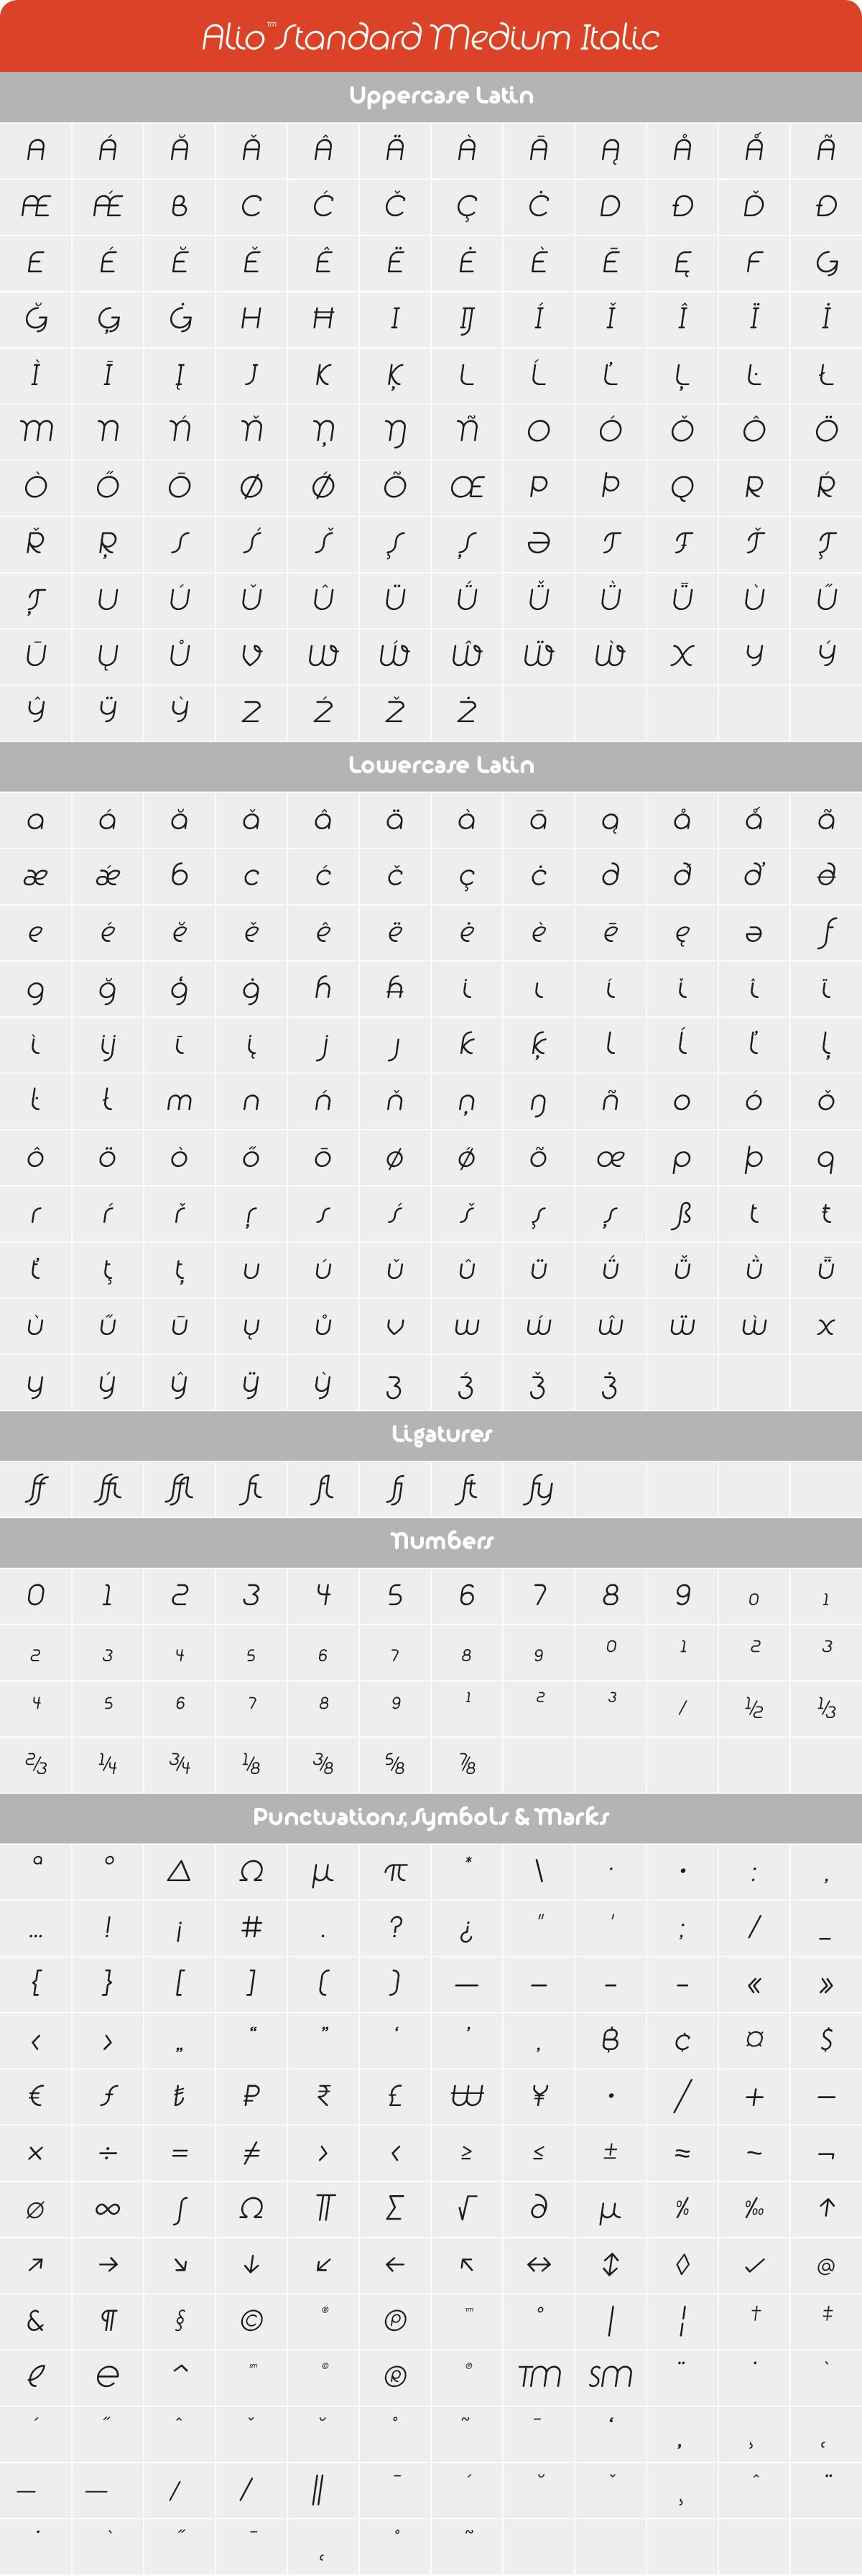 Alio Std Medium Italic Glyph Set